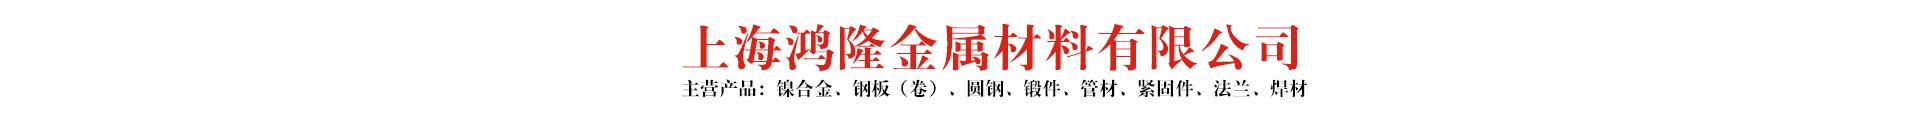 上海鴻隆金屬材料有限公司